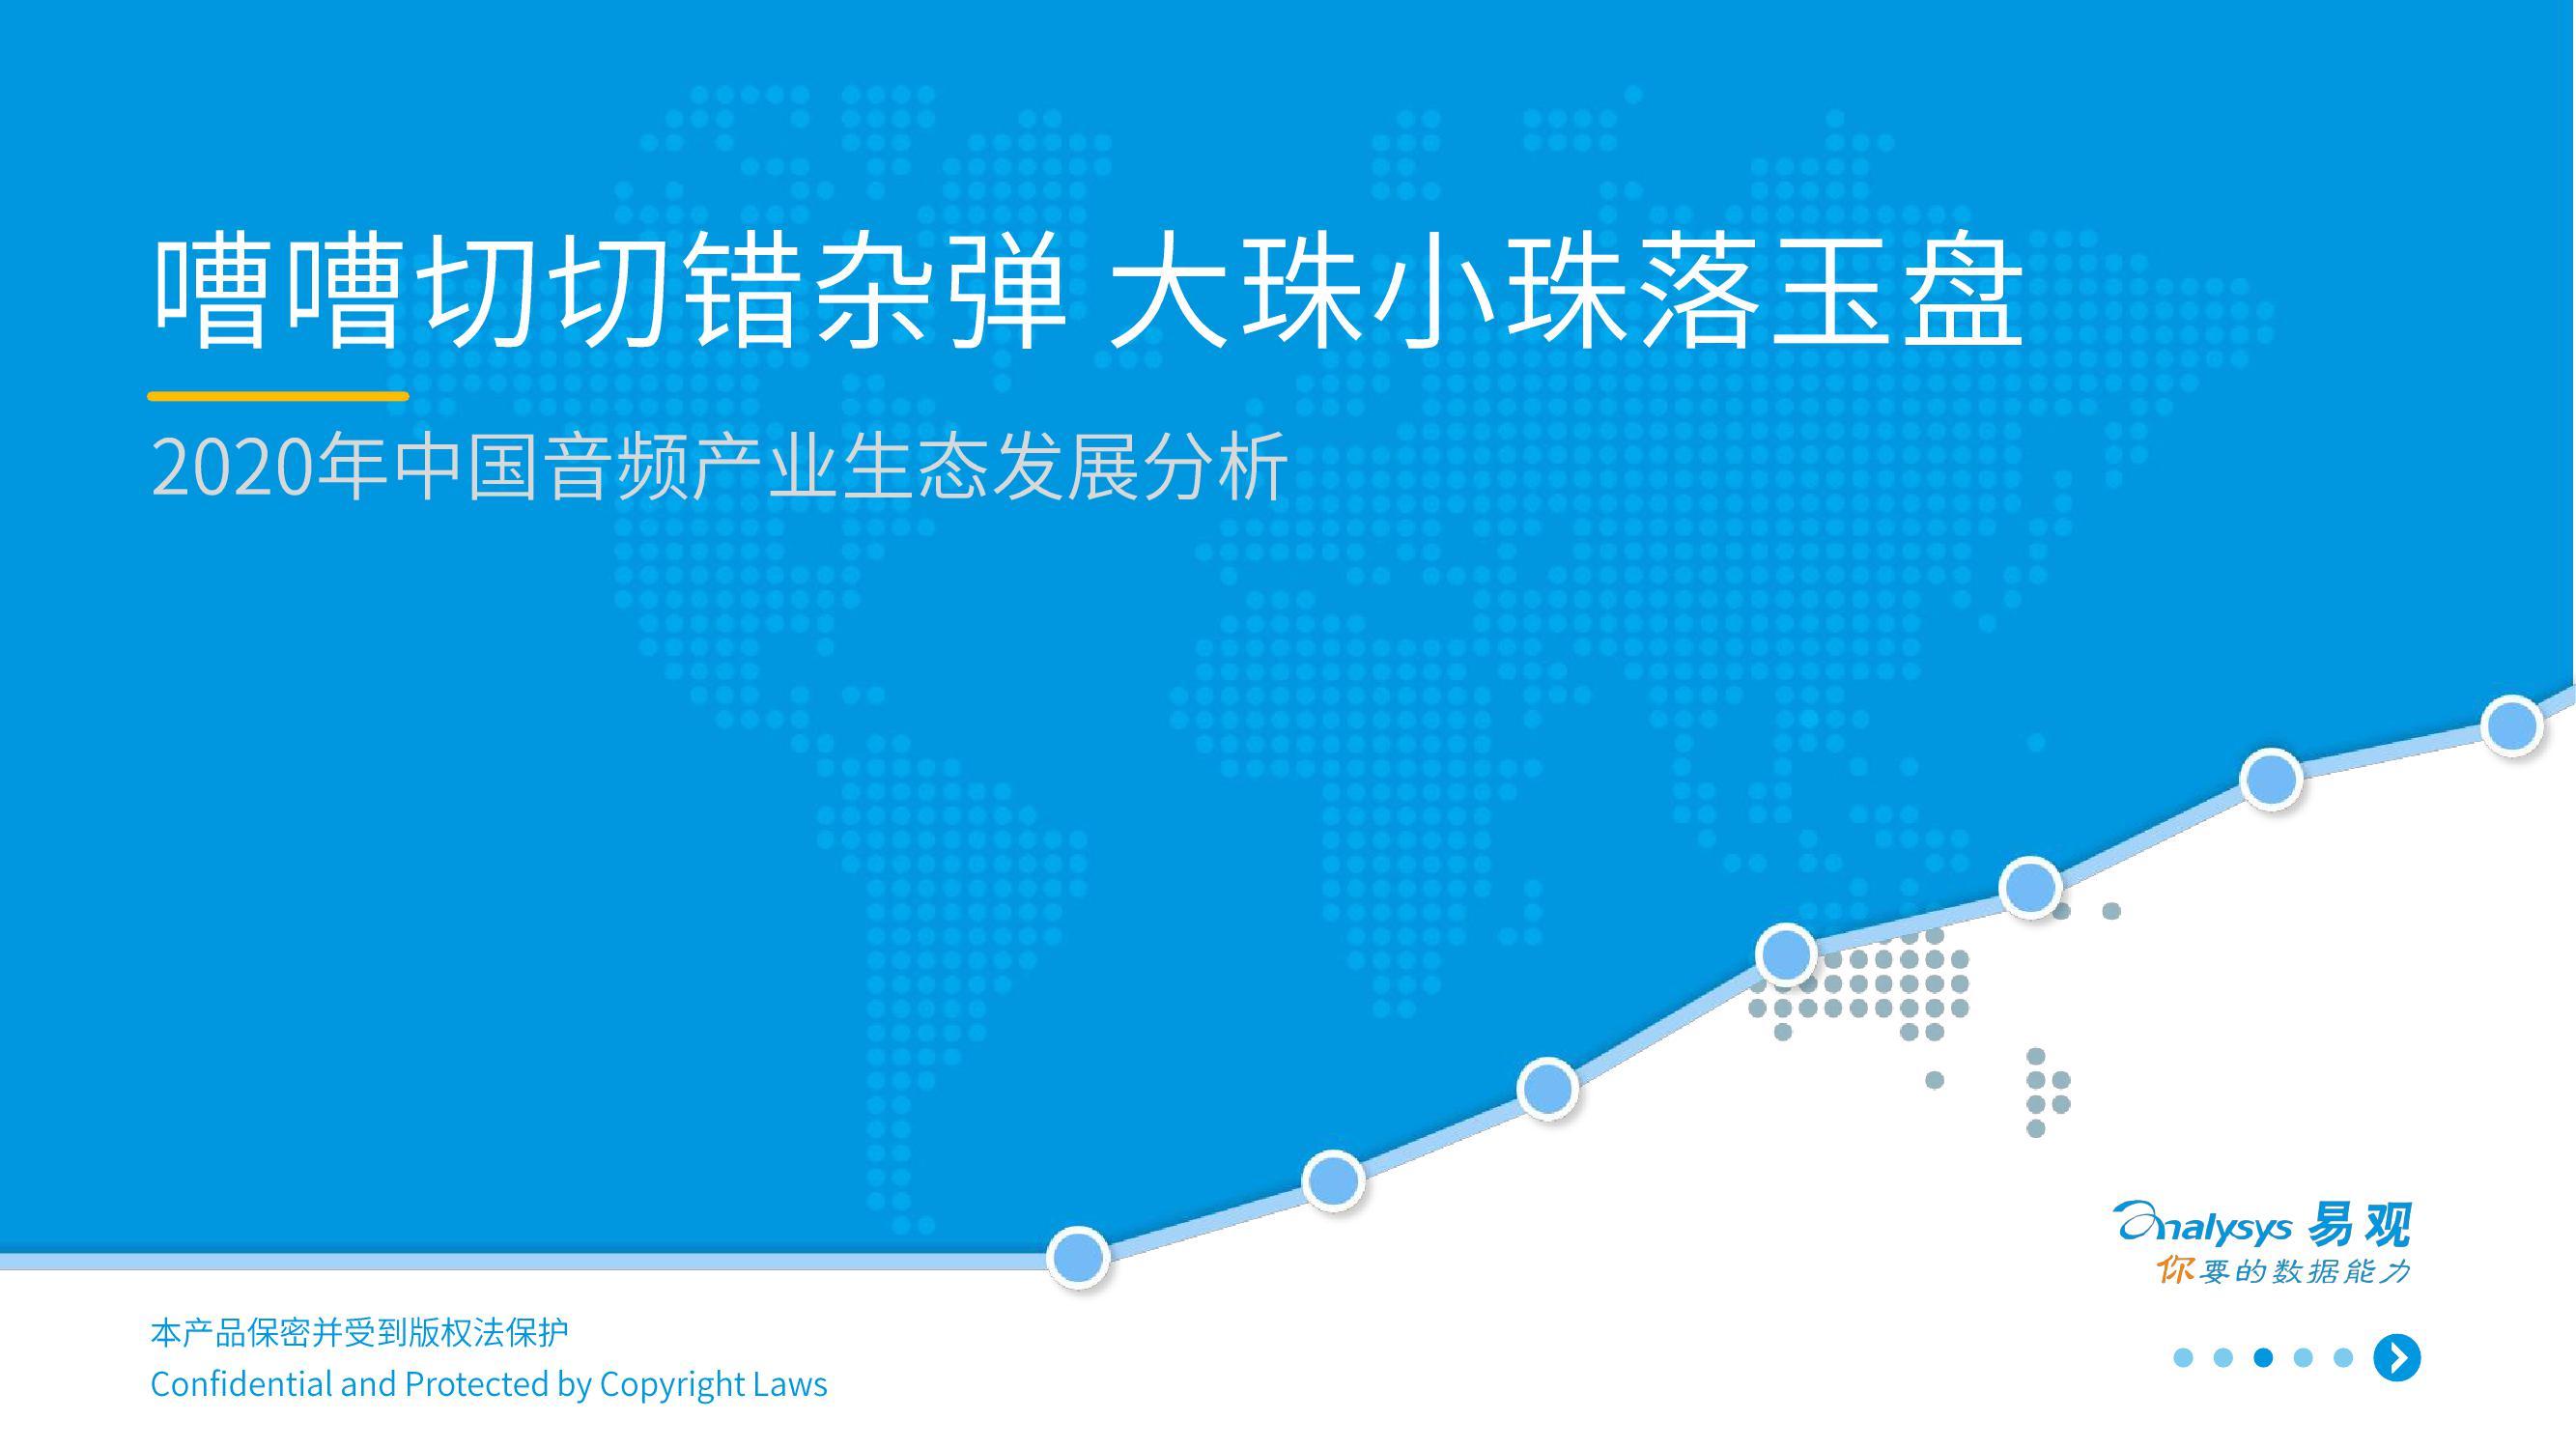 易观:2020年中国音频产业生态发展分析(附下载)